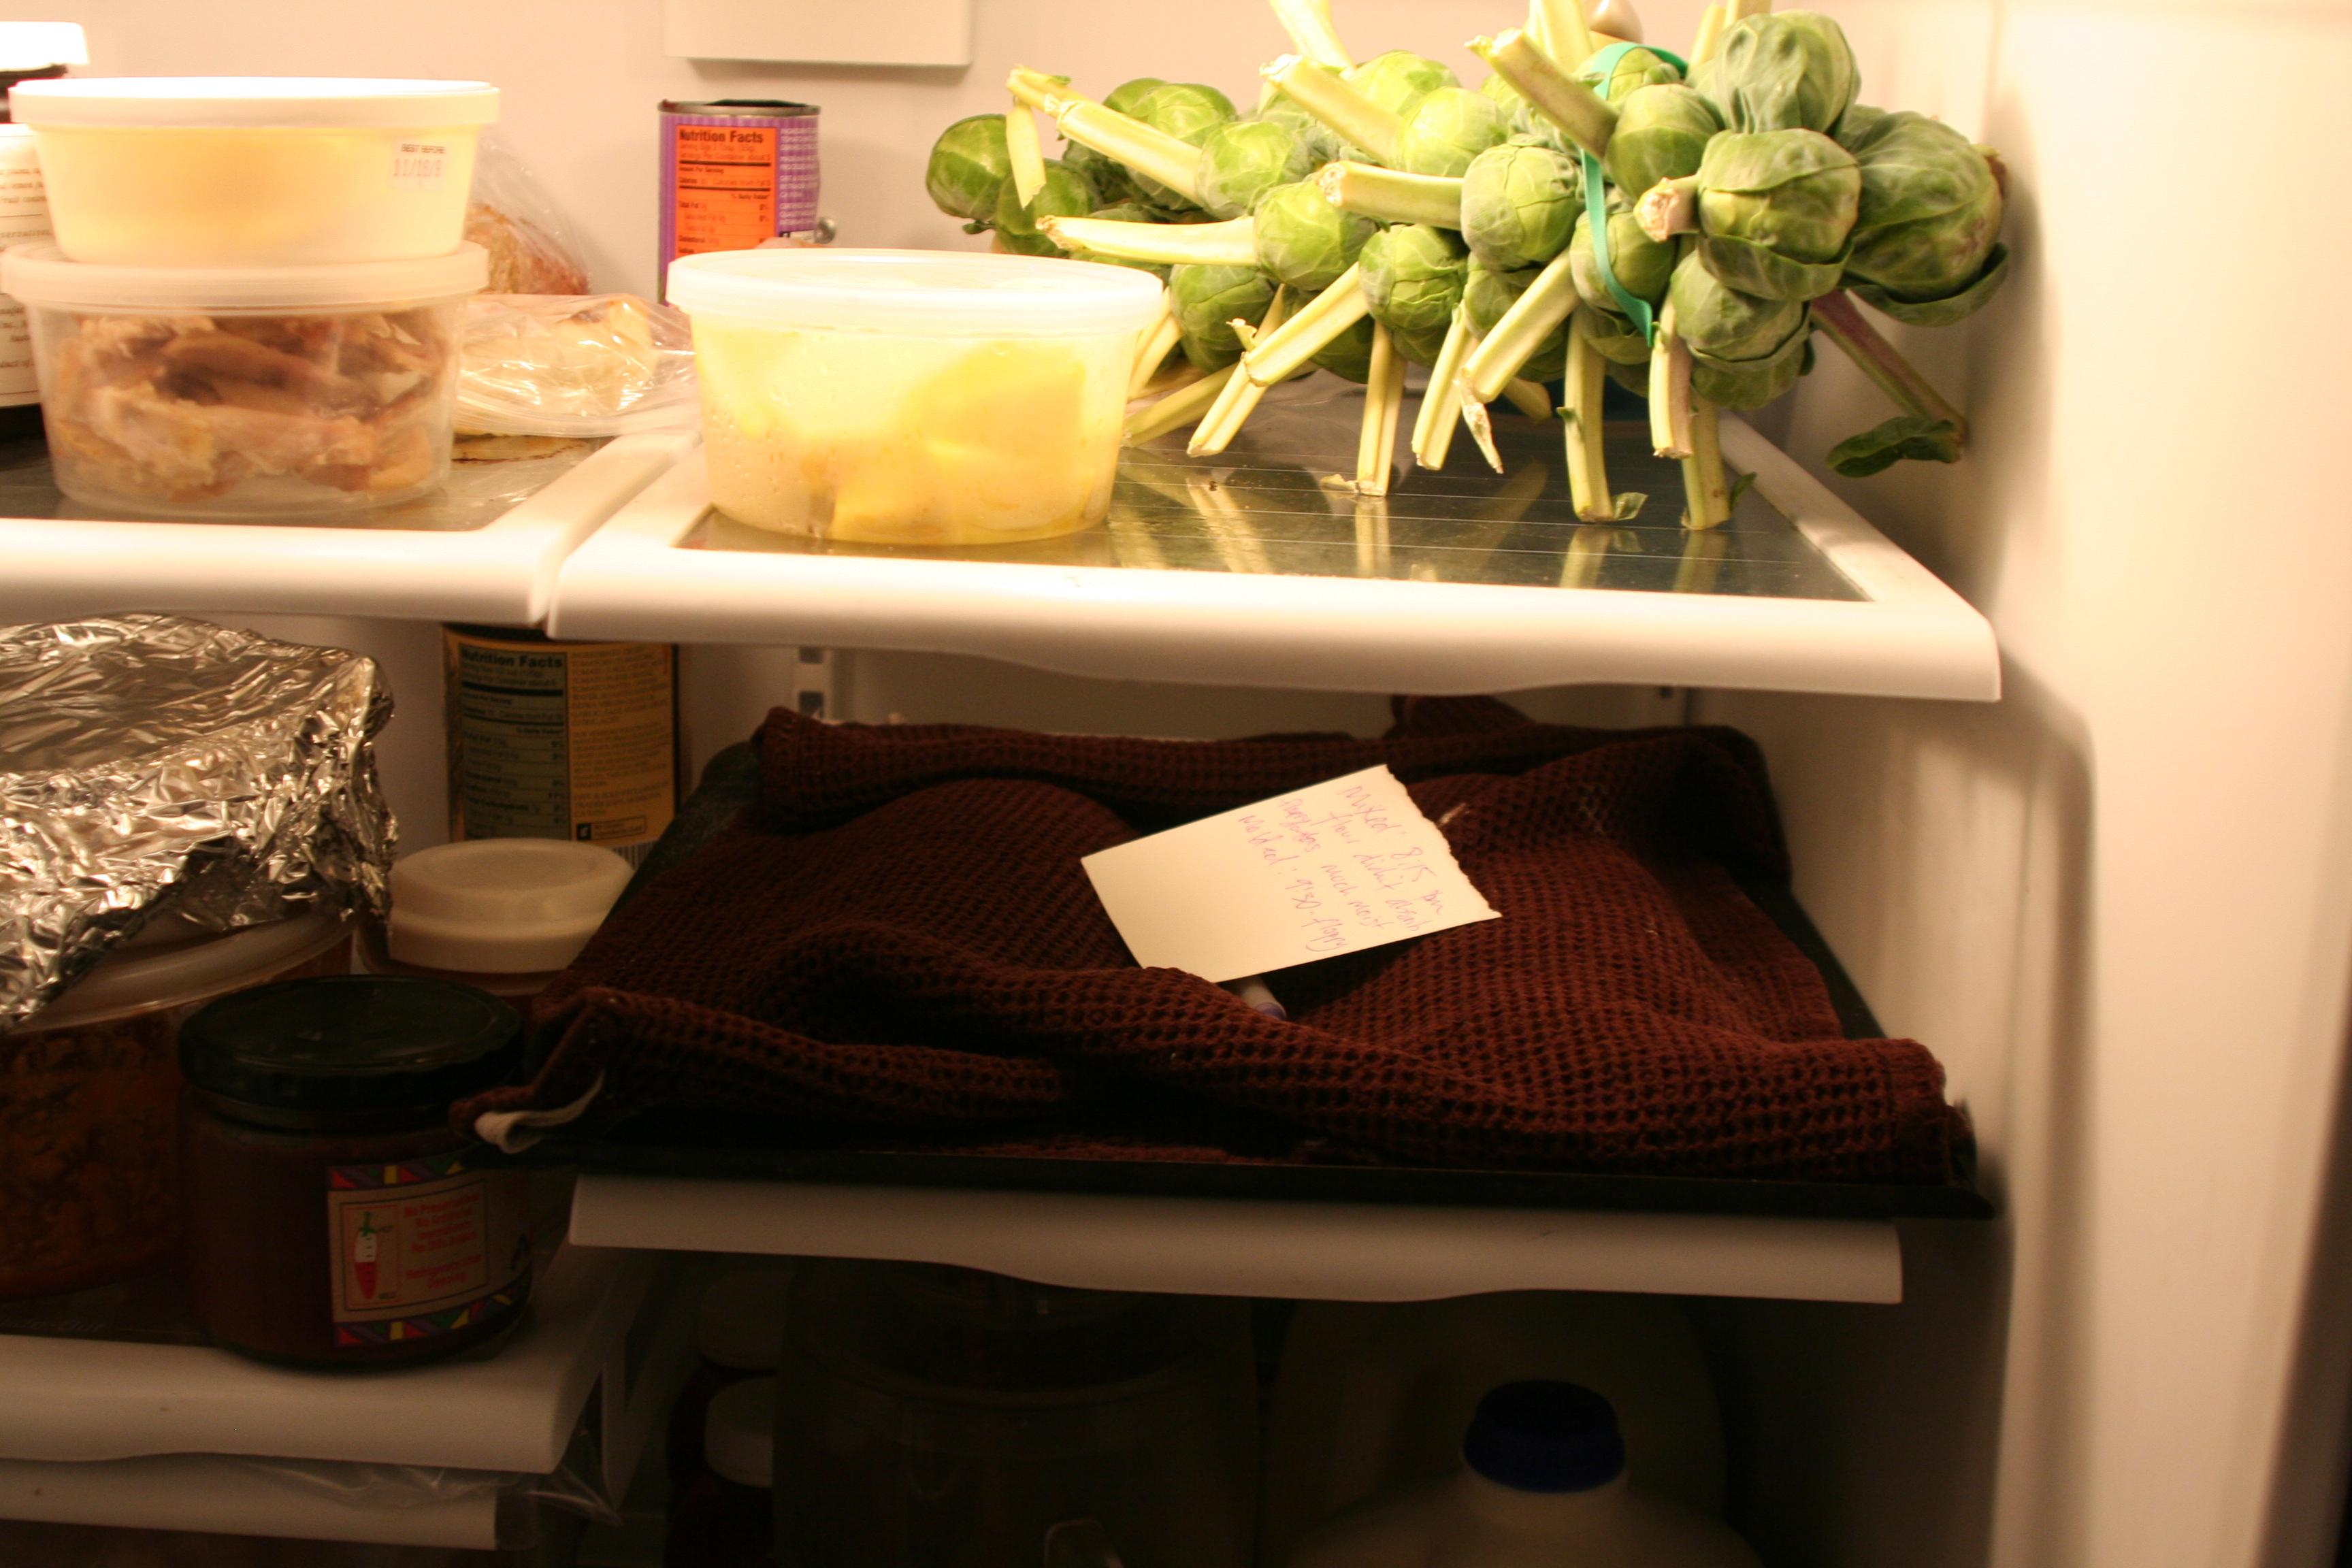 floppy in fridge